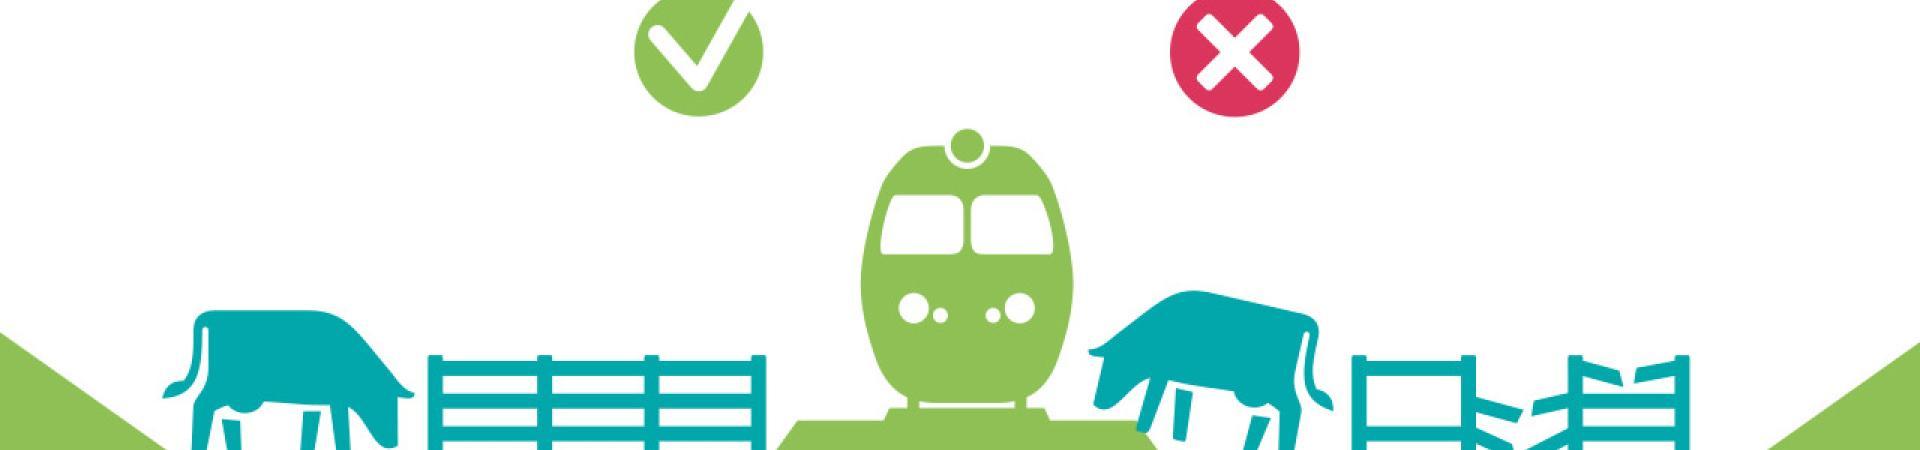 Campagne de sensibilisation sur la divagation d'animaux aux abords des voies ferrées